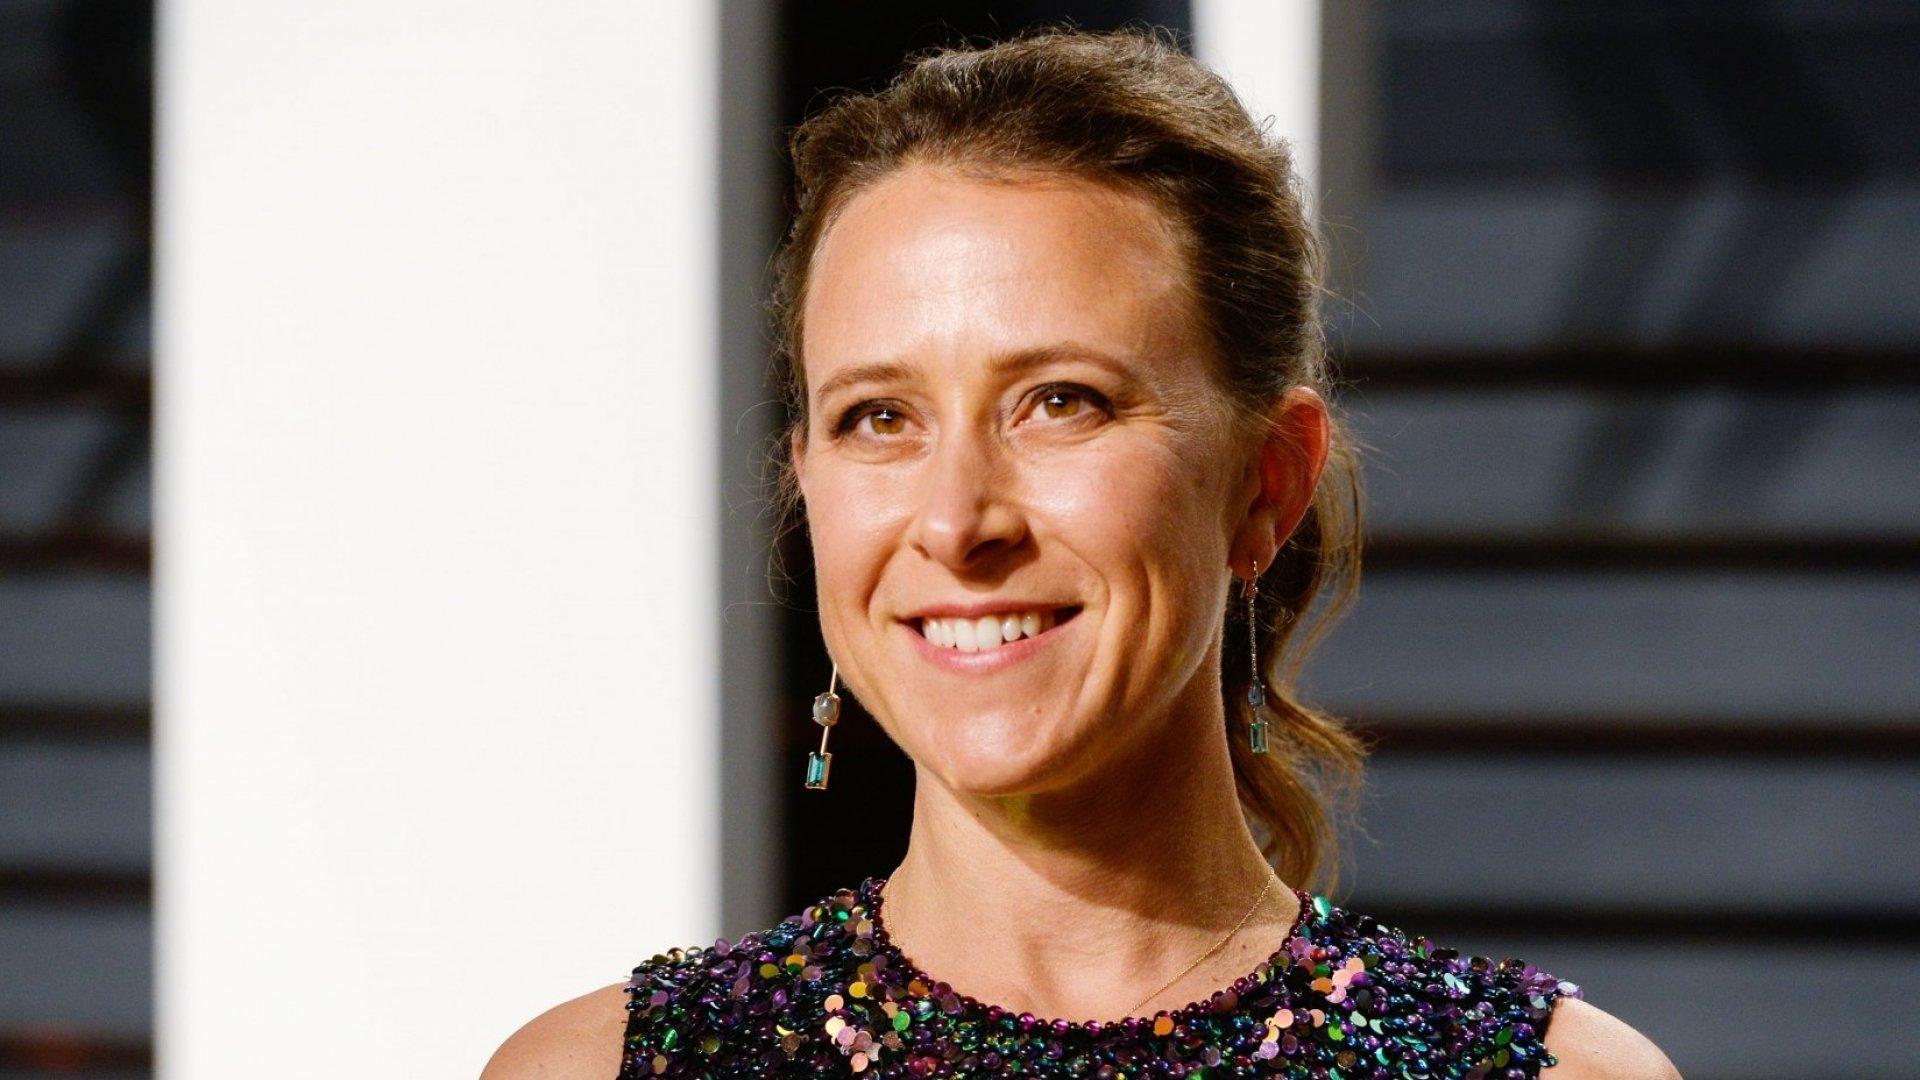 23andMe Co-Founder Anne Wojcicki